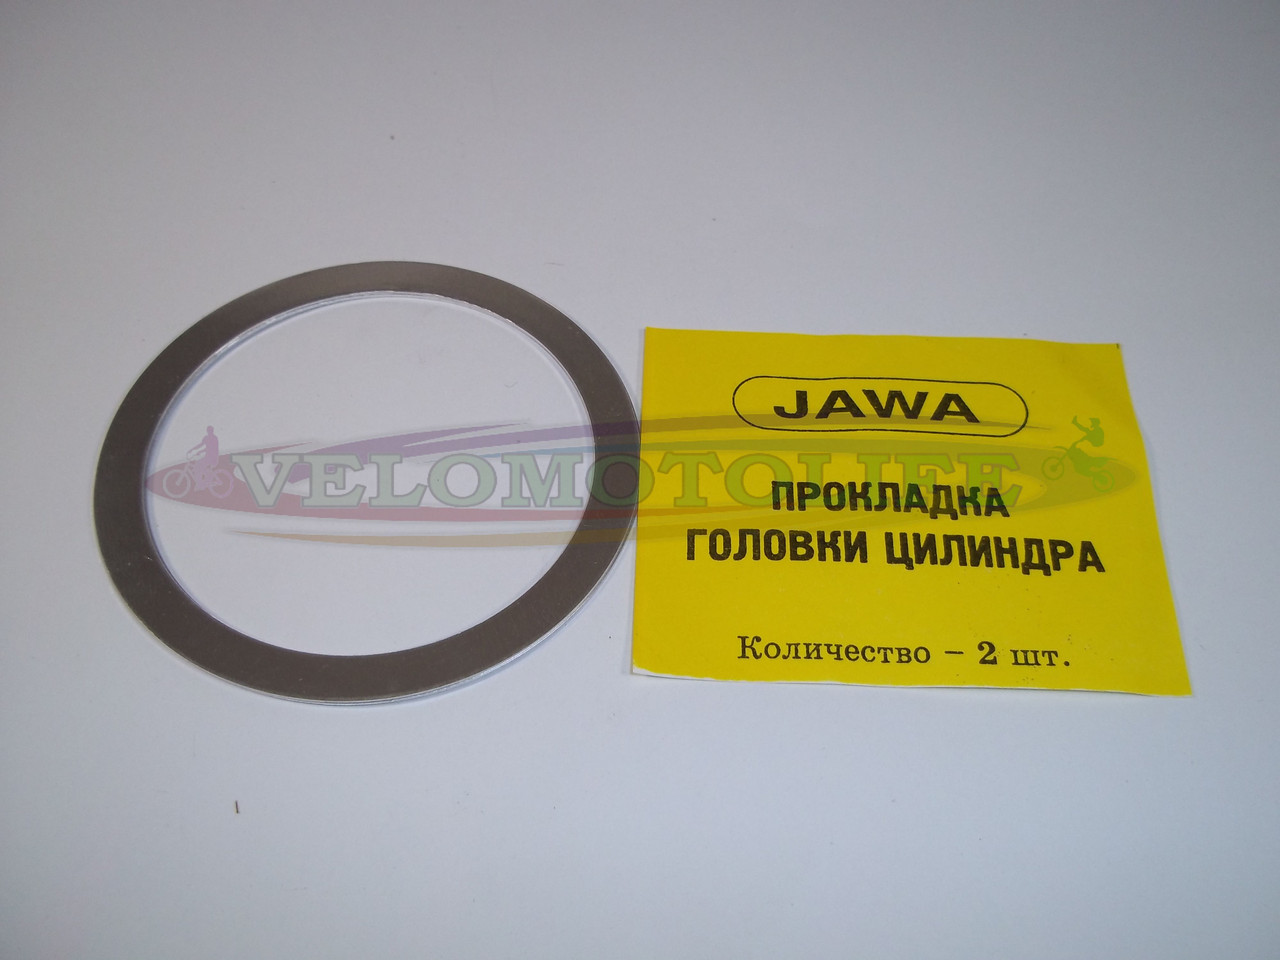 Прокладка головки цилиндра  ЯВА (6V,алюминий)